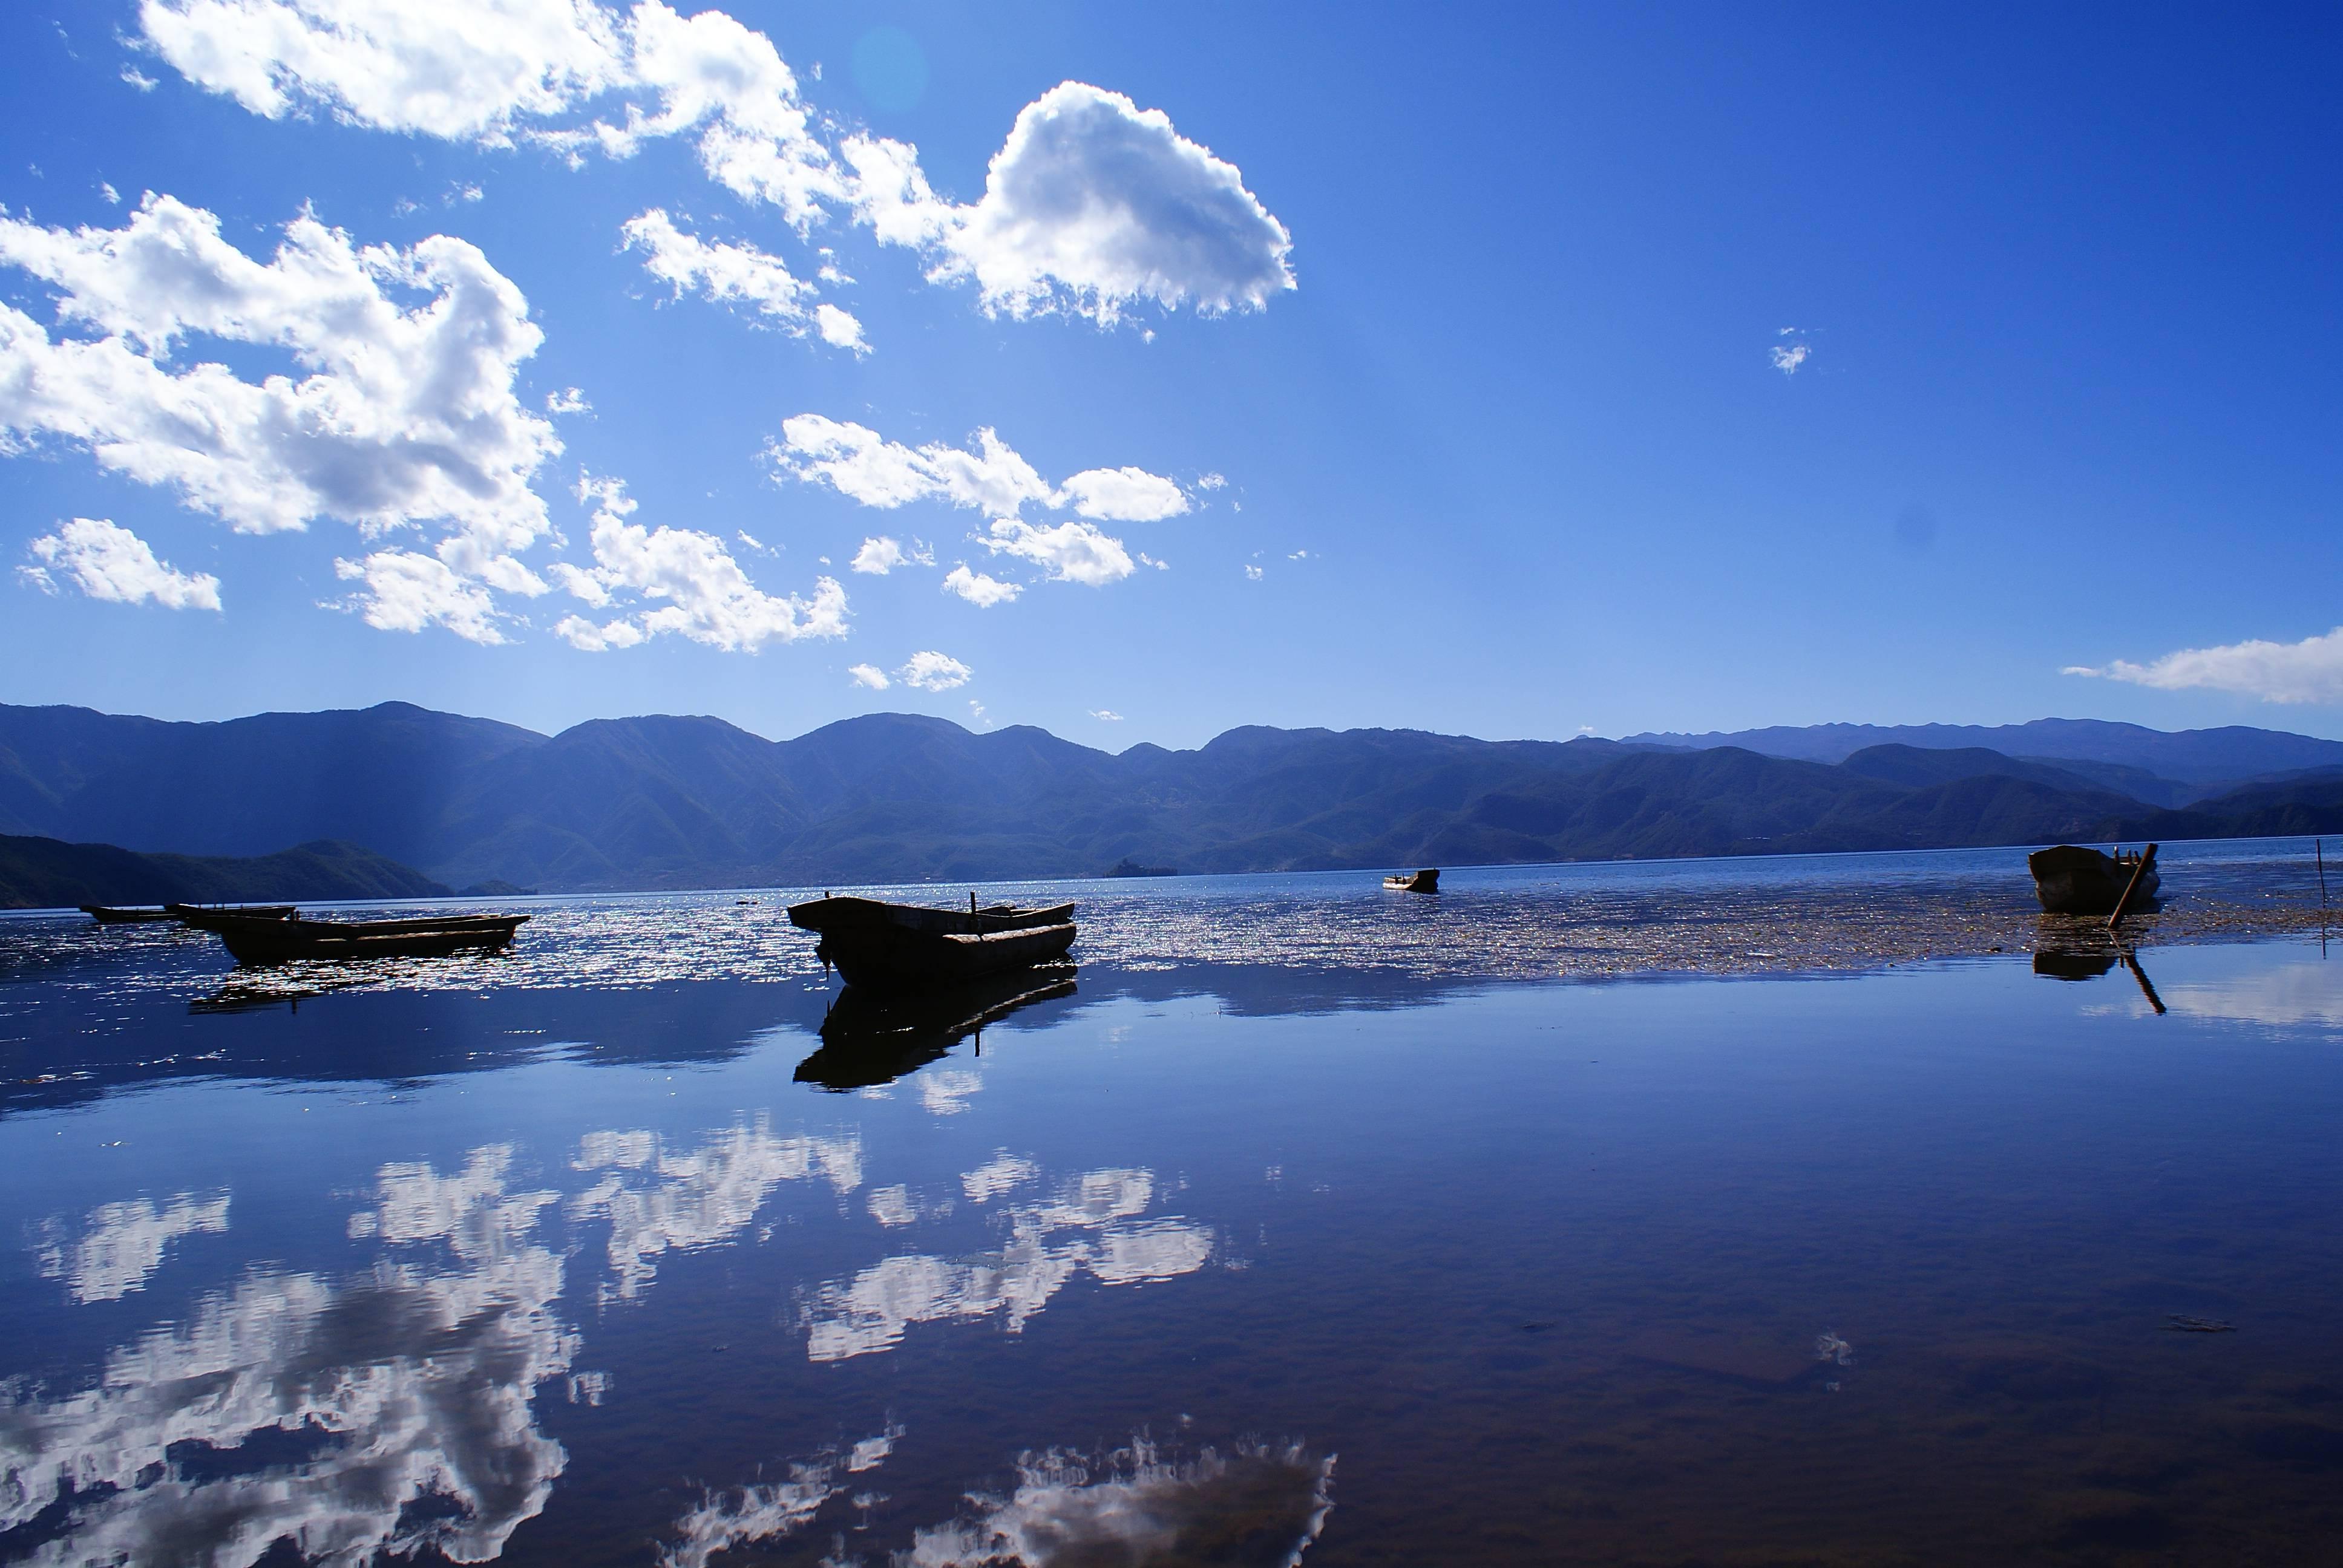 首页 ppt背景 风景ppt背景图片 > 泸沽湖ppt背景图片  下载地址